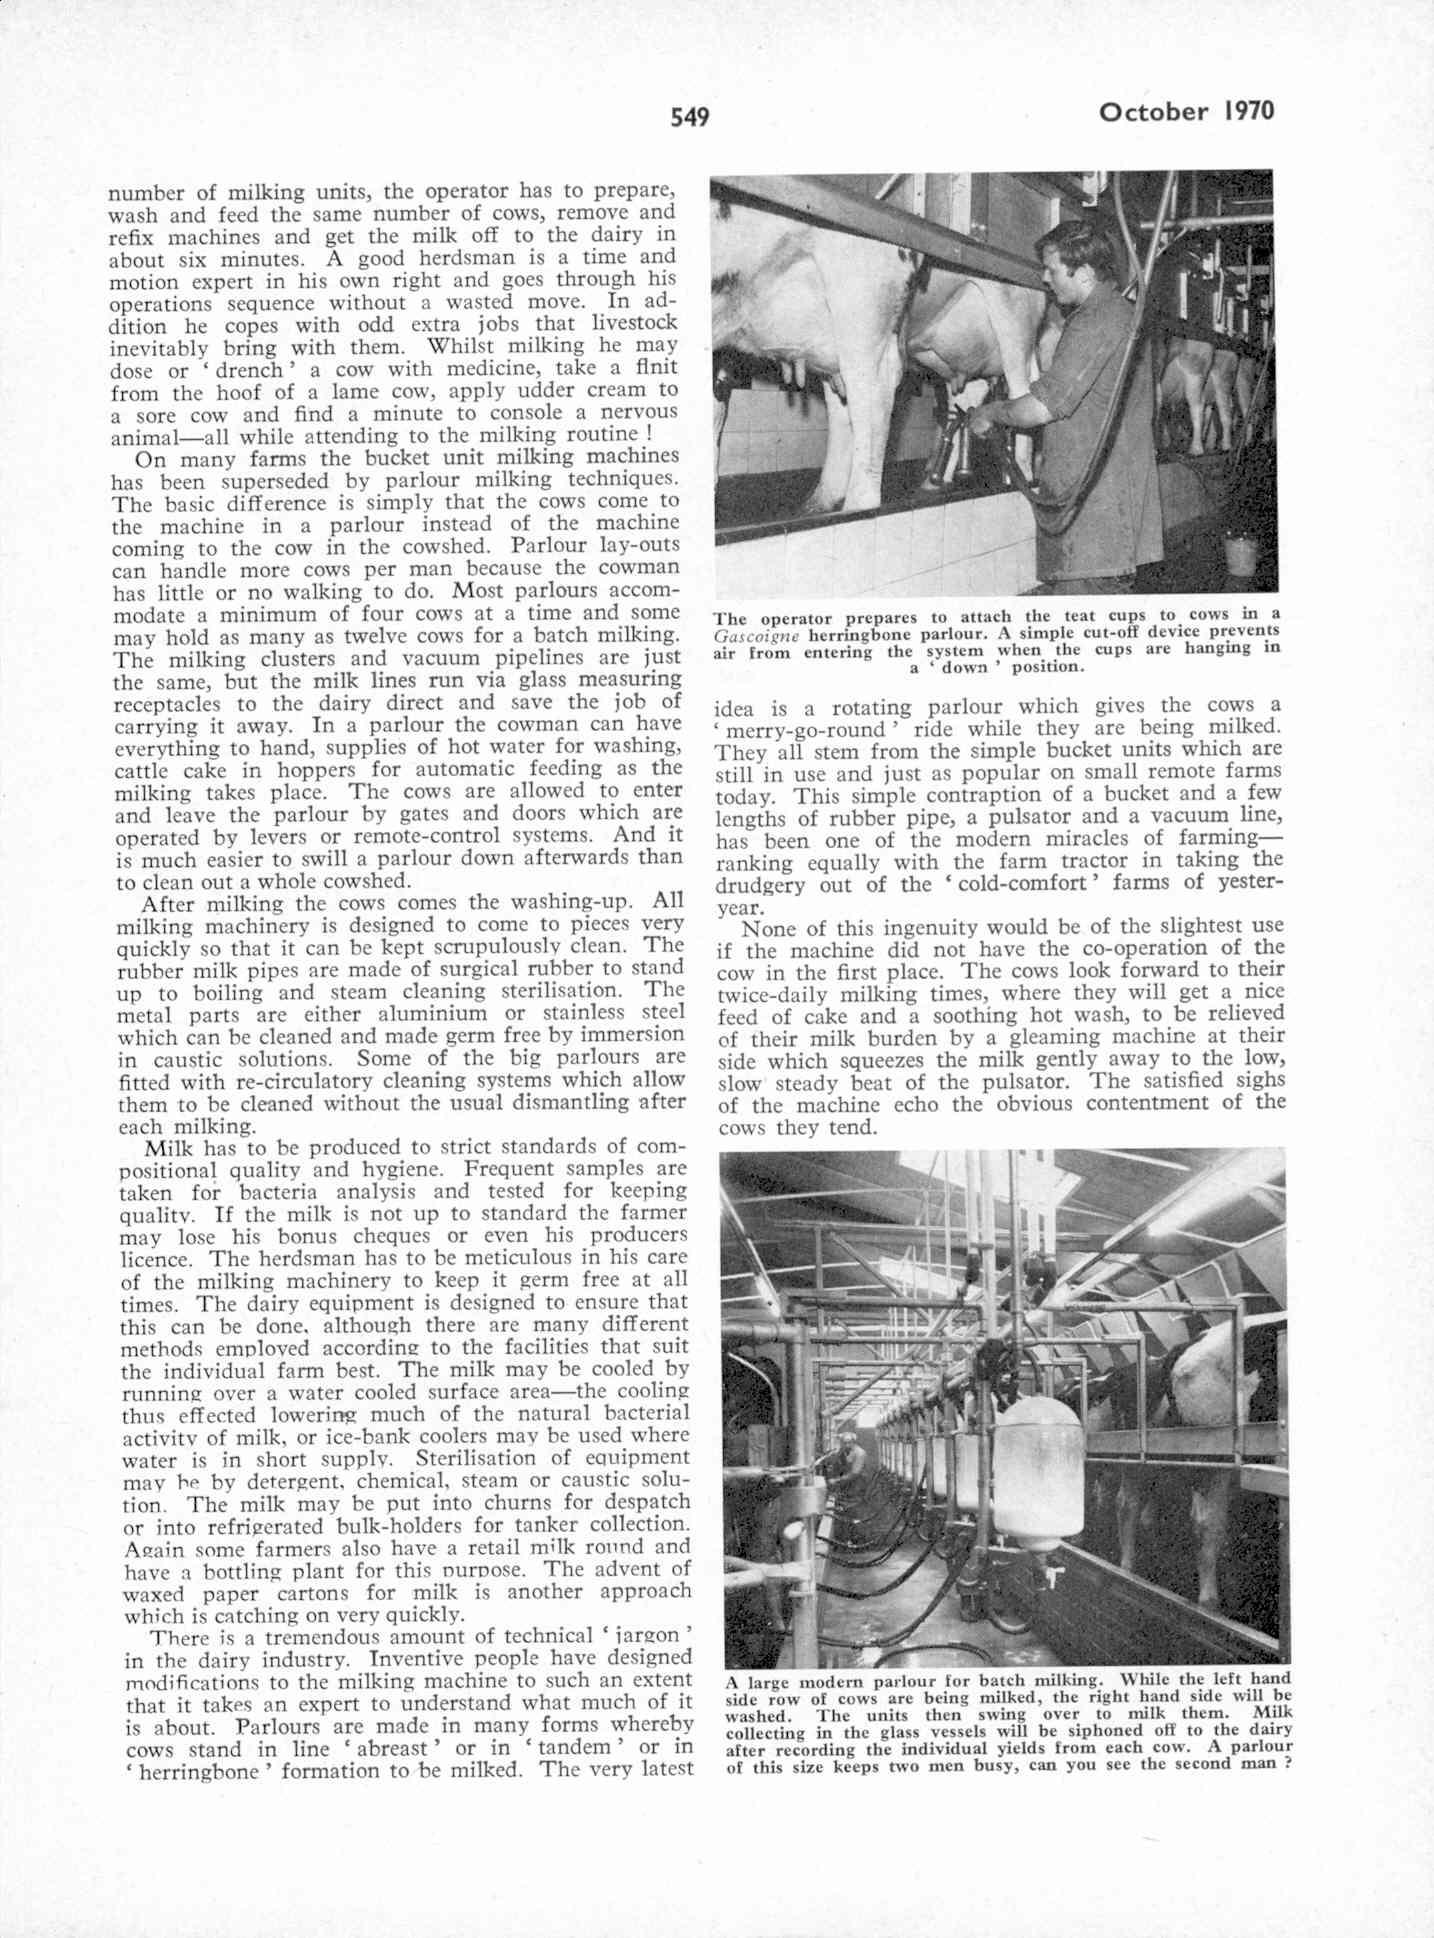 UK Meccano Magazine October 1970 Page 549